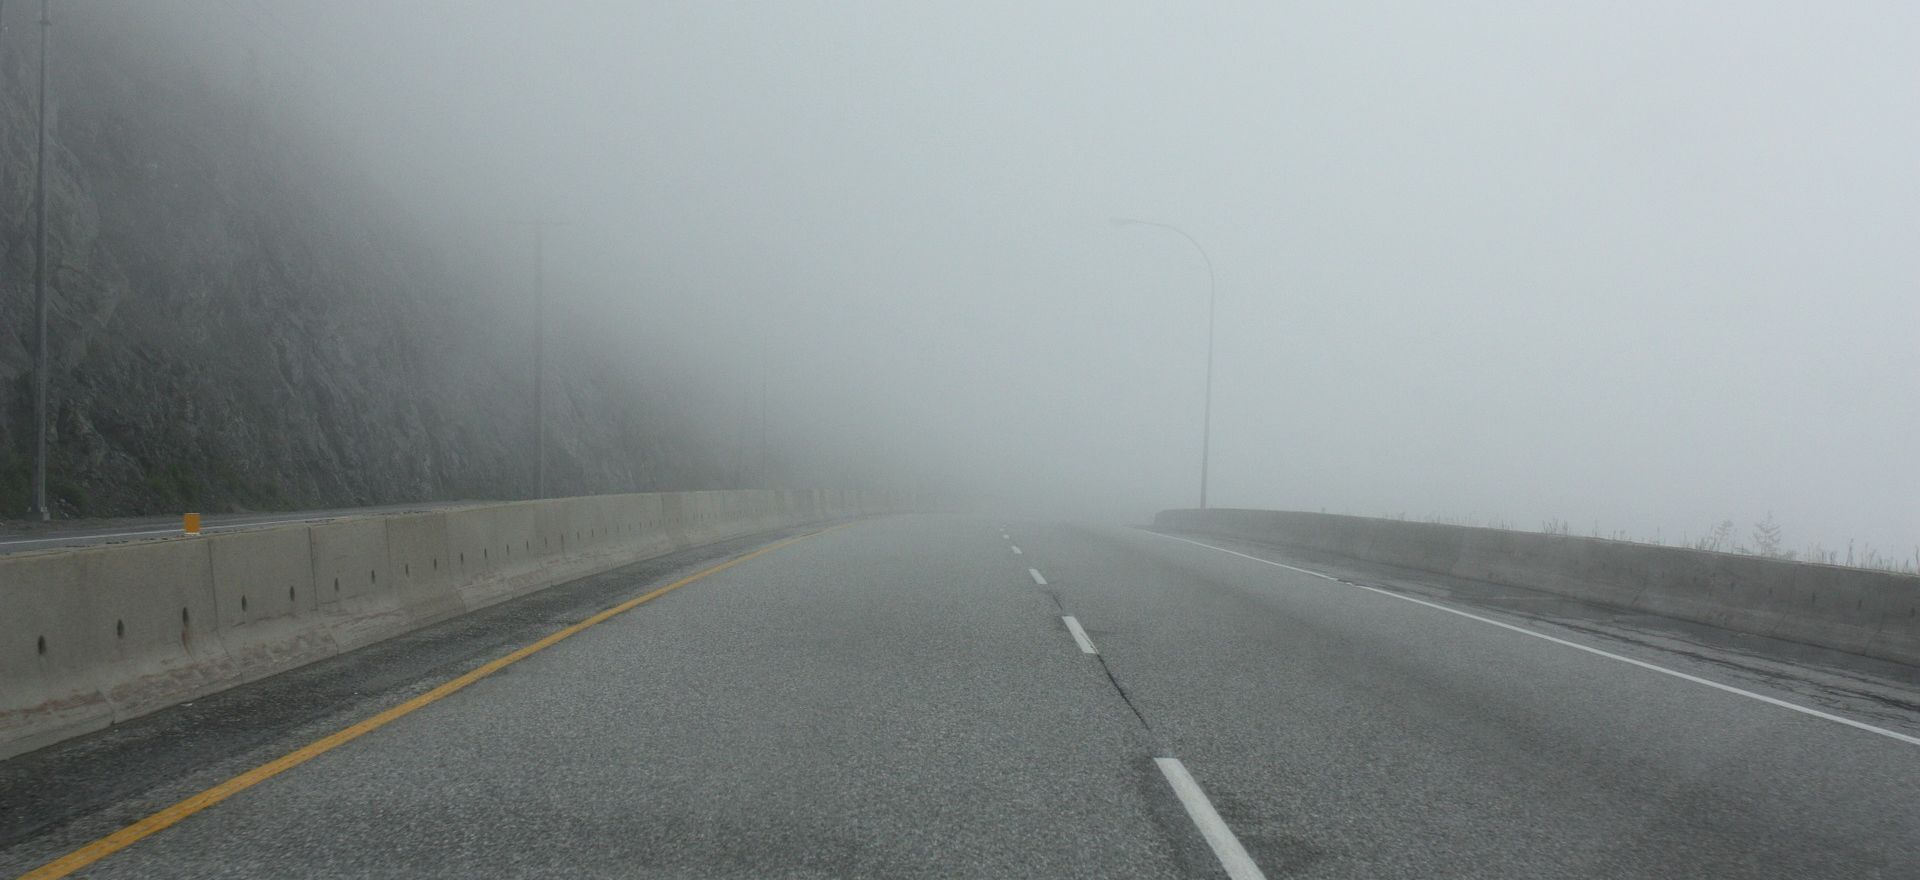 HAK Magla smanjuje vidljivost i usporava vožnju u Lici i na A1